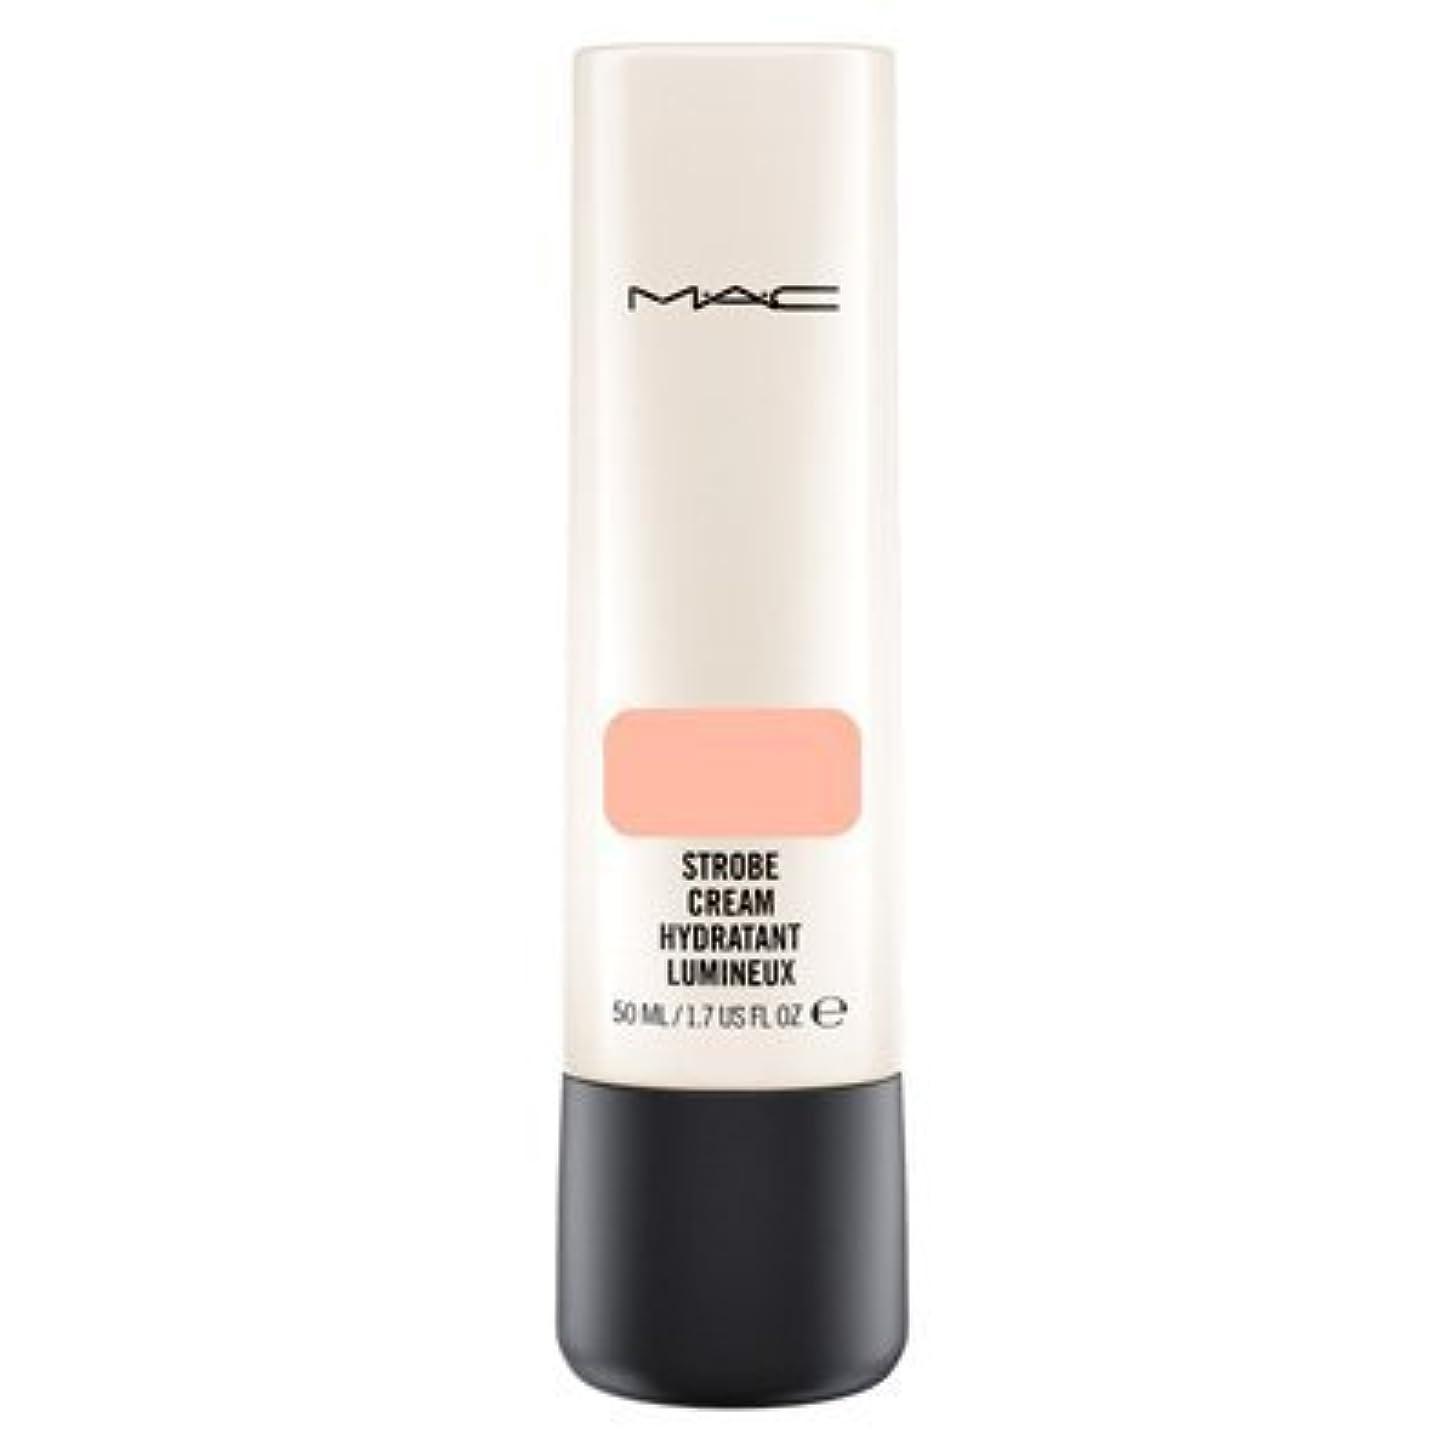 ご注意眼亜熱帯MAC (マック) ストロボ クリーム ピーチ ライト/Peach Light 50ml [並行輸入品]